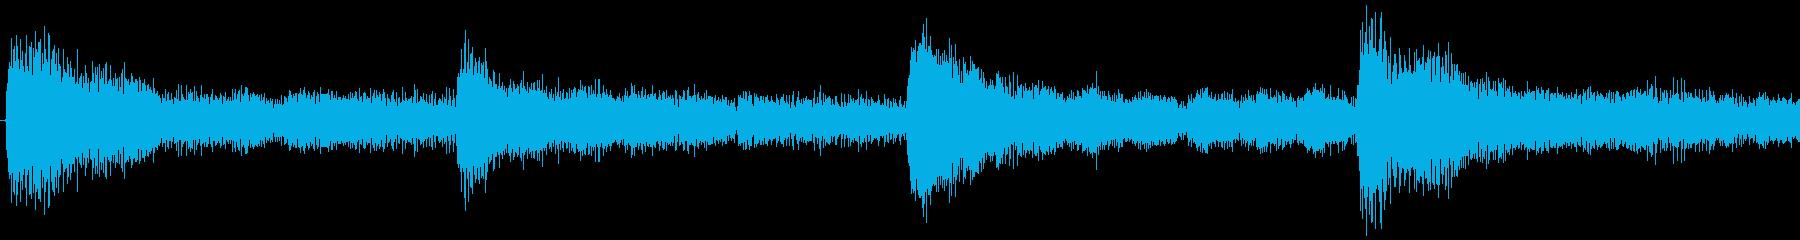 ハローウィン用のホラー曲-ループ4の再生済みの波形